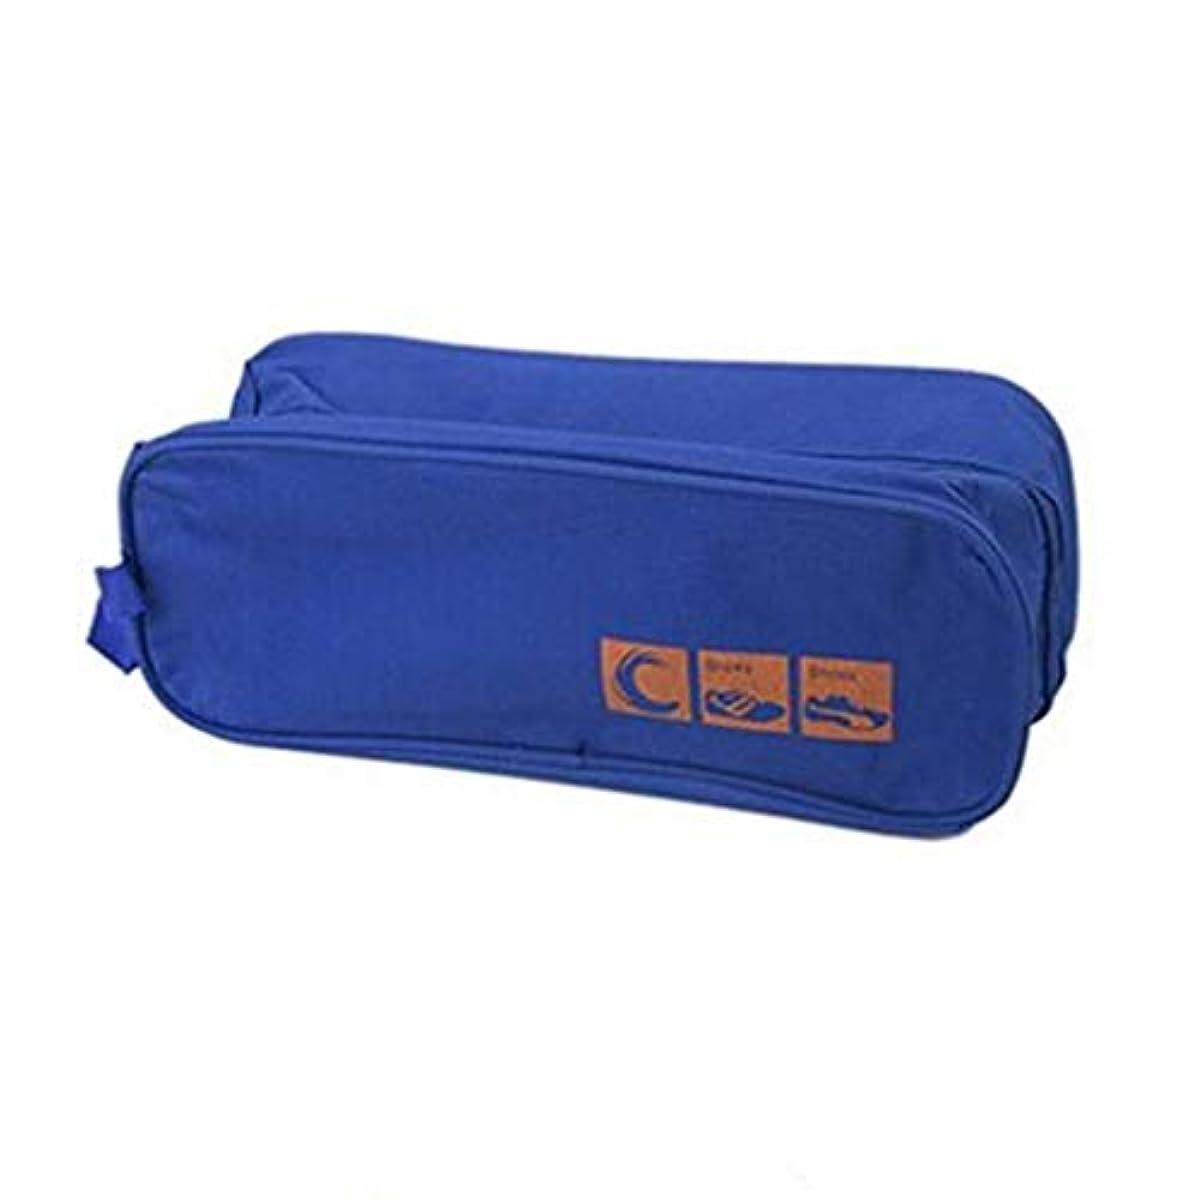 [해외] 1피스 여행화 화이트 지퍼 폐쇄 스니커즈 수납 오거나이저 방진 방수화 파우치 투명창 부착THEBIGTHUMB,블루